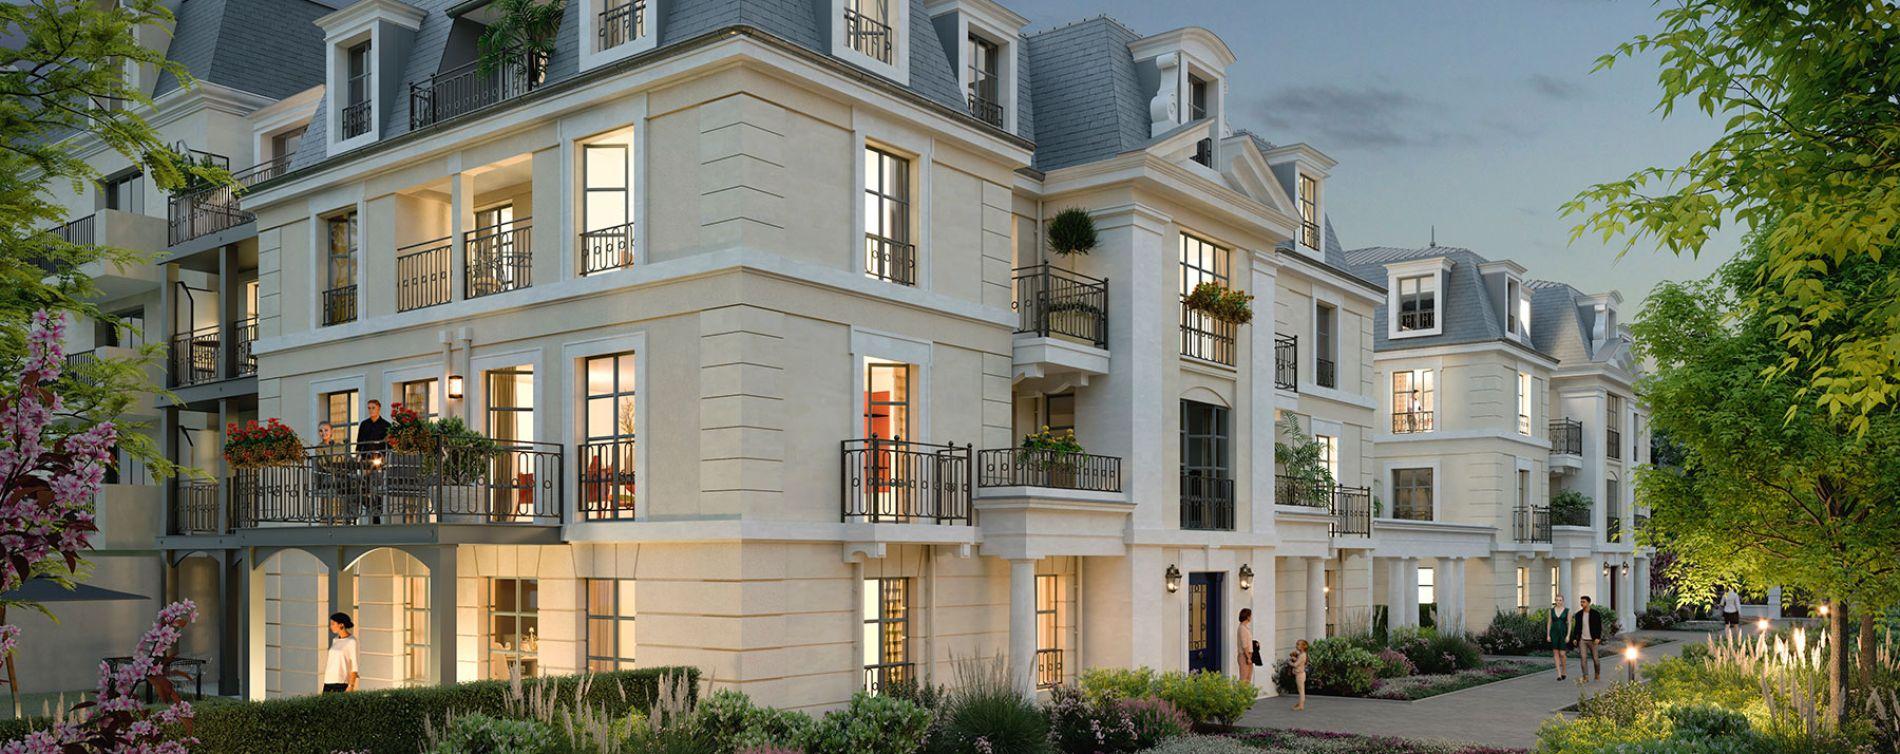 Résidence 51 Rue Veuve Lacroix à la Garenne-Colombes